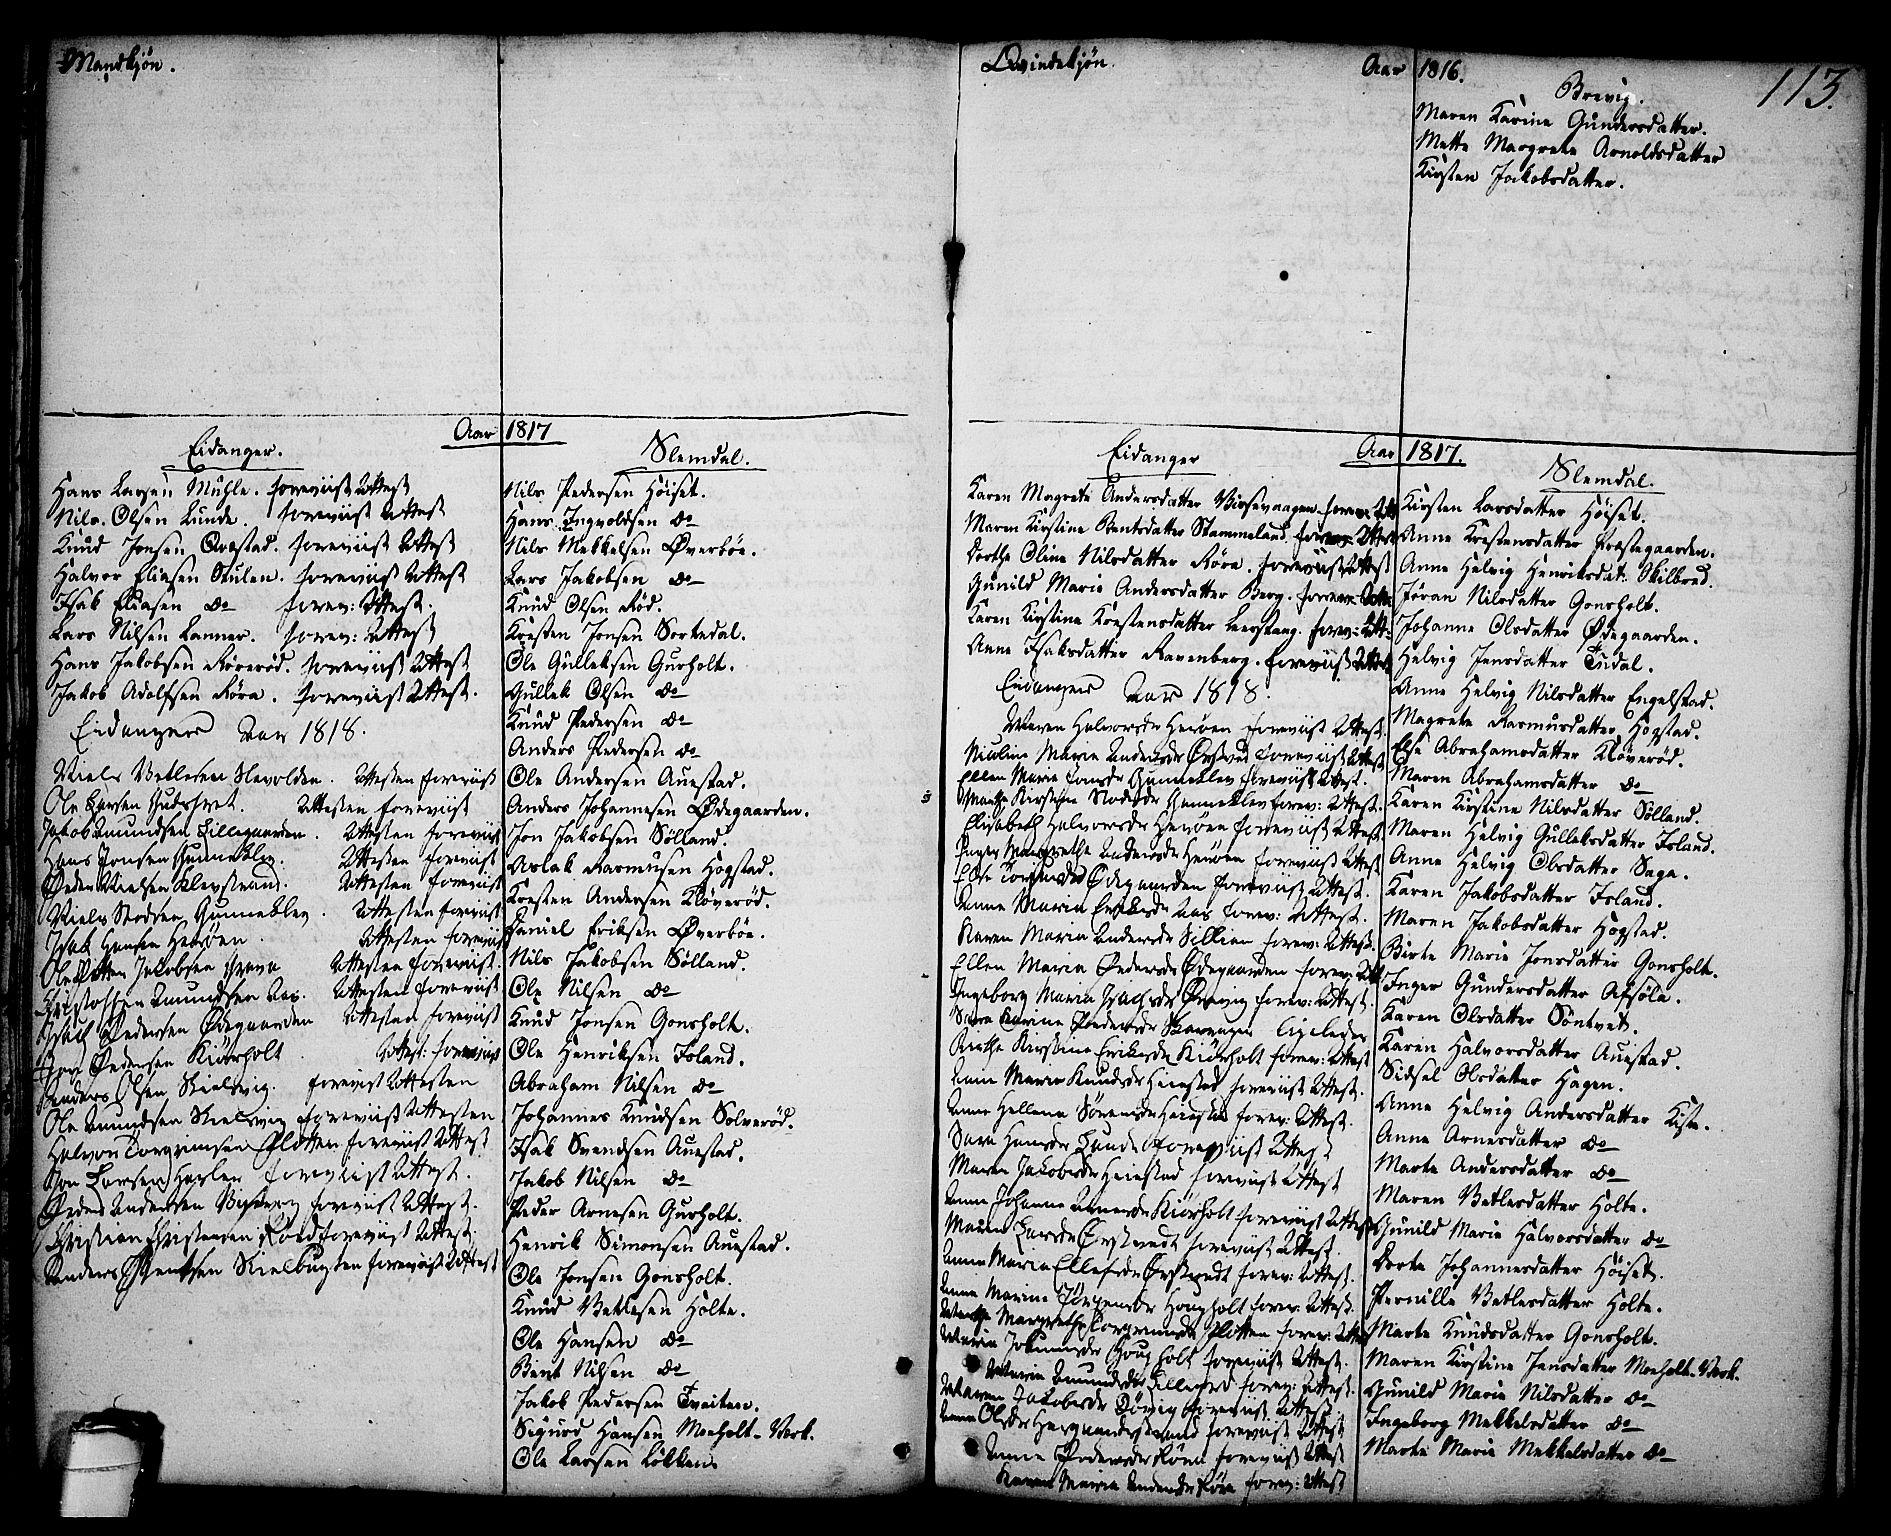 SAKO, Brevik kirkebøker, F/Fa/L0003: Ministerialbok nr. 3, 1764-1814, s. 113